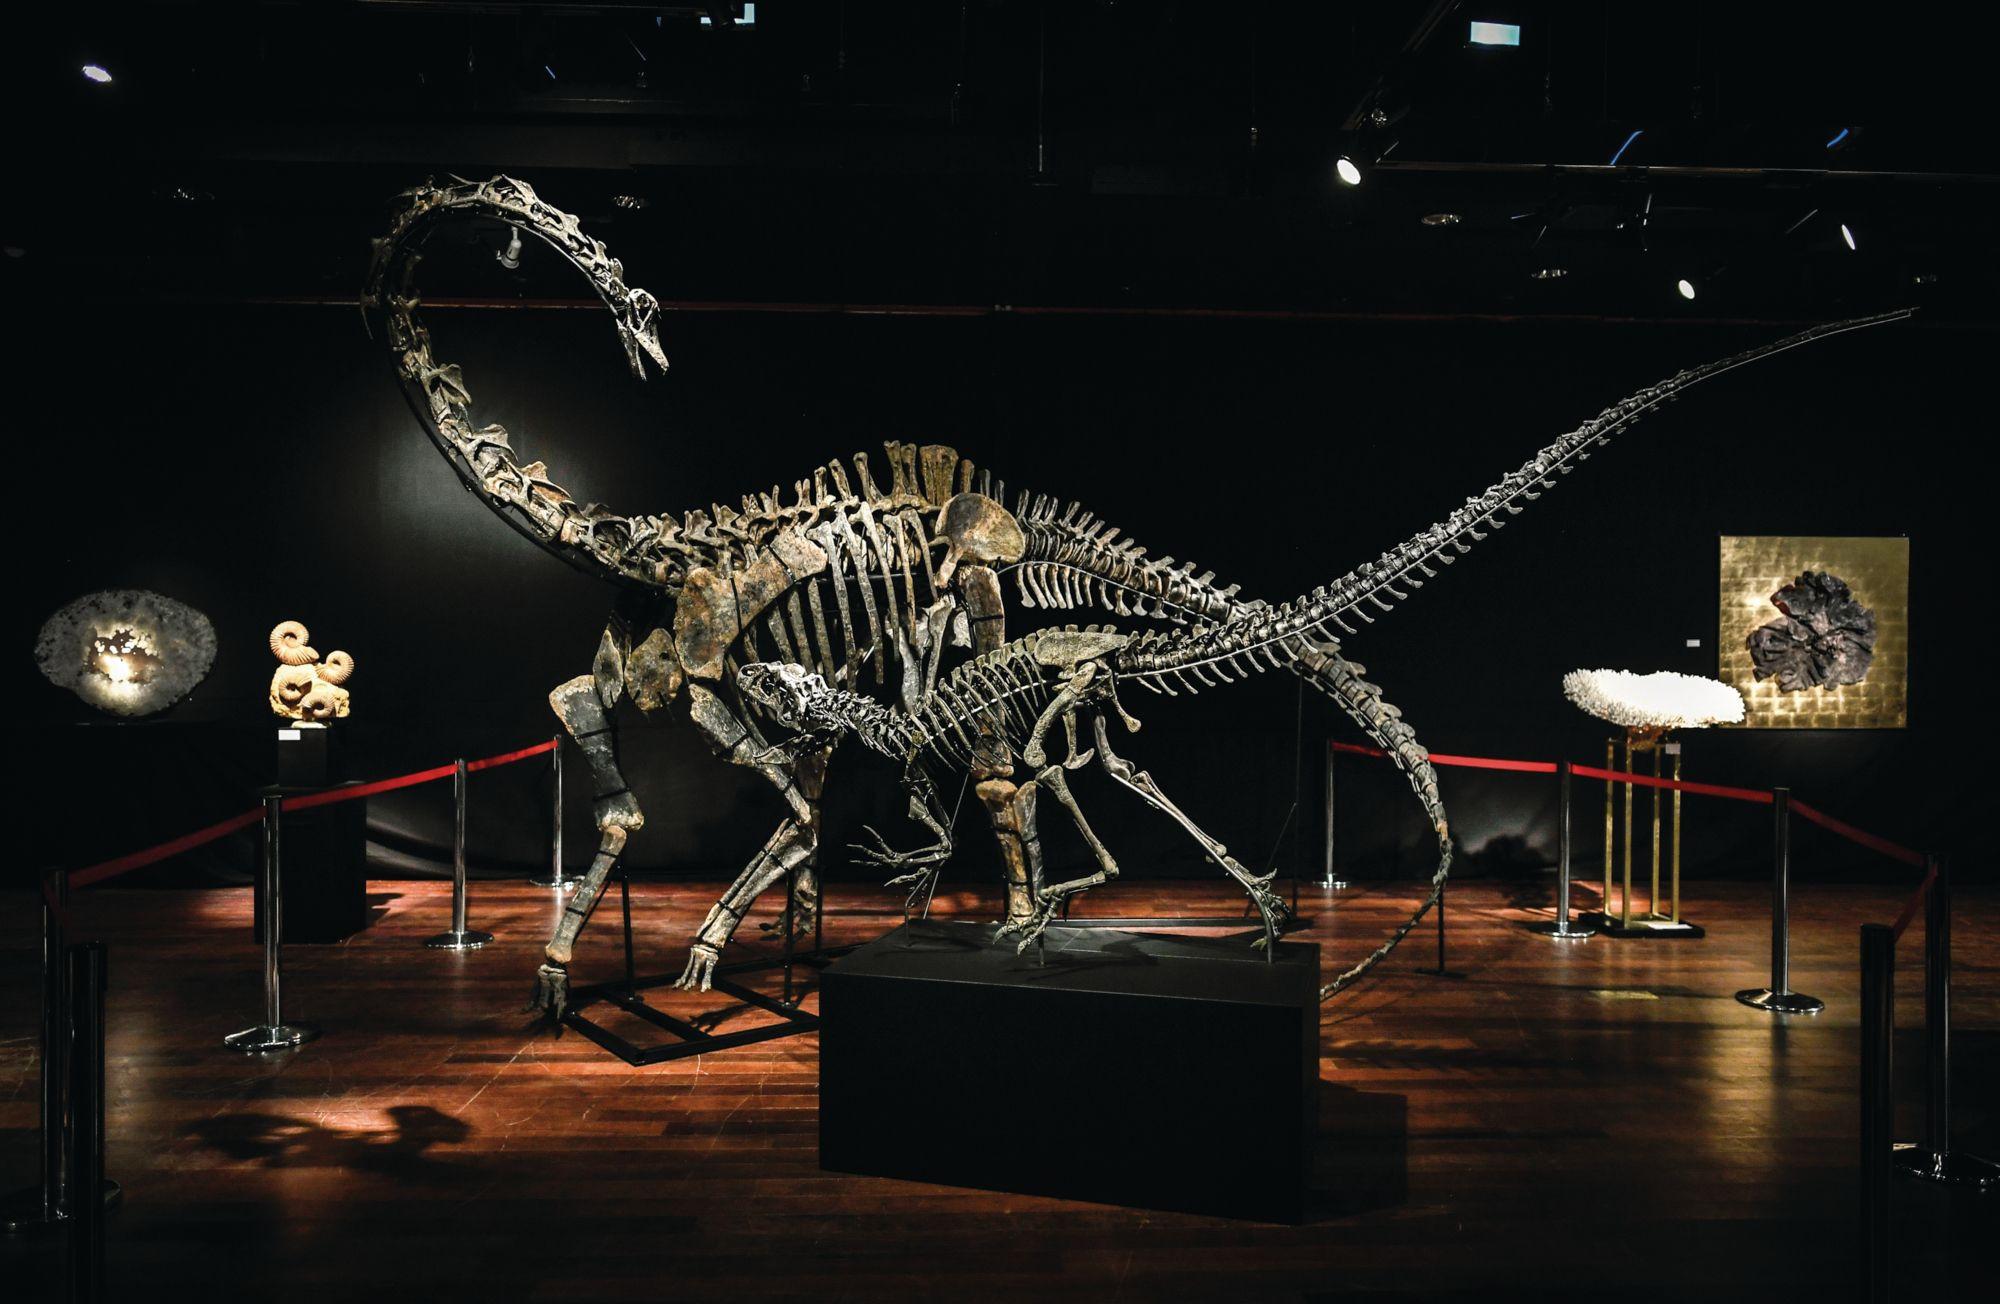 恐龍化石成收藏大勢!亞洲新一代「瘋狂亞洲富豪」家中擺放巨大恐龍展現驚人財力